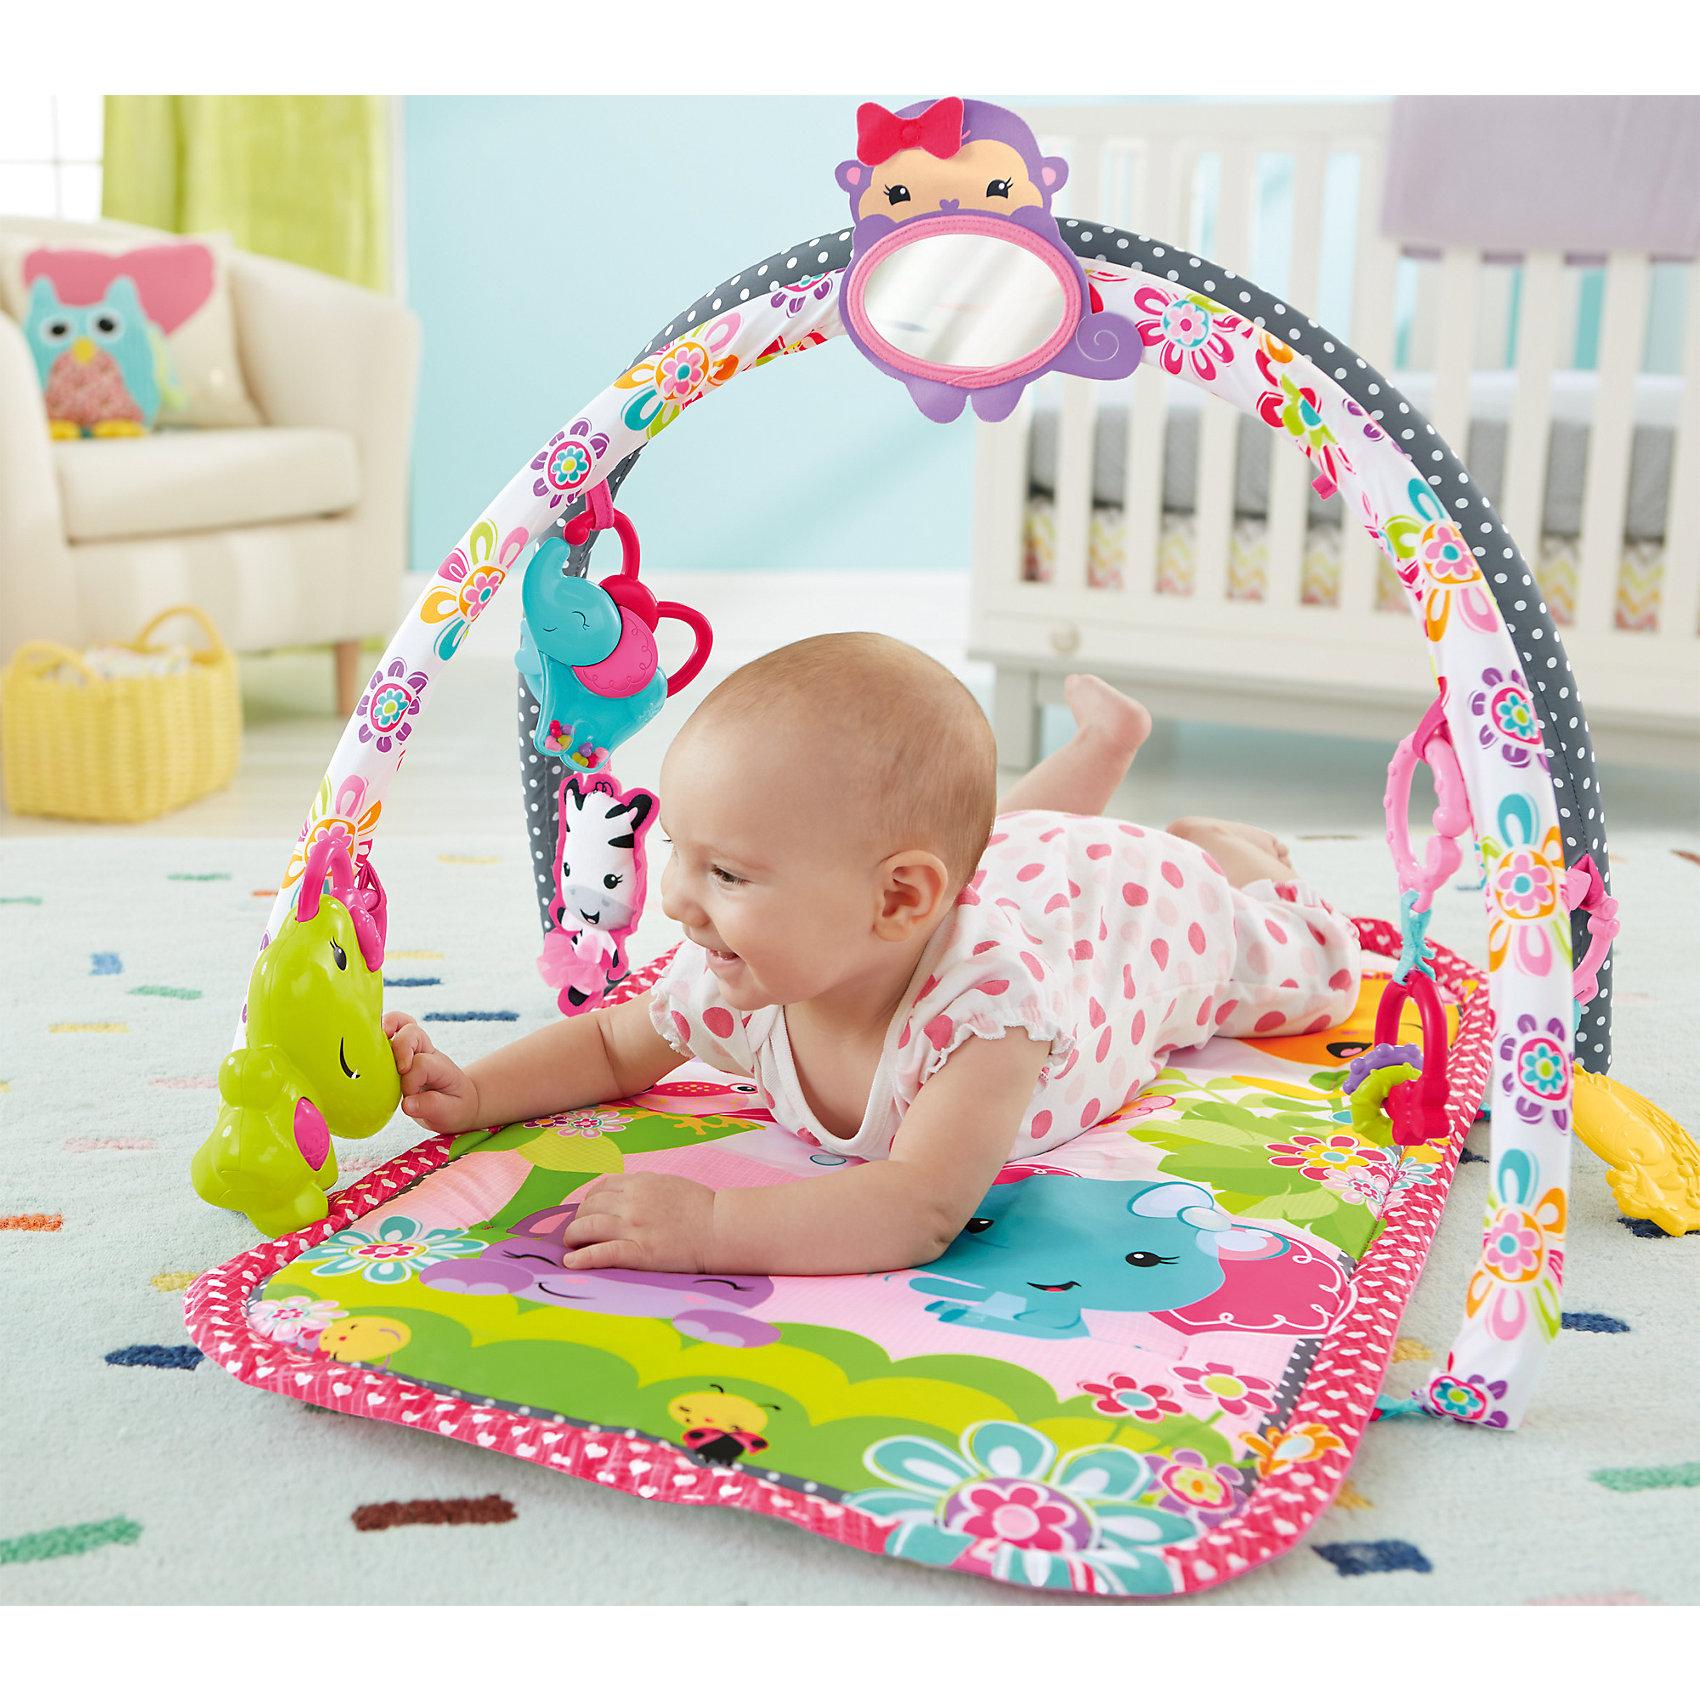 Развивающий коврик, розовый, Fisher PriceРазвивающие коврики<br>Развивающий коврик Fisher Price (Фишер Прайс) предназначен для девочек - он выполнен в ярком дизайне, преобладающий цвет - розовый. Яркие игрушки, расположенные над ковриком, побуждают Вашу малышку к активности - ей хочется дотянуться до них, схватить, потрогать на ощупь. На этом коврике можно играть и одновременно с этим развиваться в трех положениях:<br><br>Лежа на спинке - ребенок тянет руки к игрушкам, пытается их схватить, видит свое отражение в зеркале, а лежа на животике - ребенок с интересом рассматривает яркие рисунки на коврике, тянется к игрушкам, расположенным снизу, играет с ними. <br>Сидя - ребенок играет с игрушками, рассматривает свое отражение в зеркале. <br><br>Дополнительная информация:<br><br>-возраст – 0-12 месяцев <br>- пол: для девочек<br>- бренд: Fisher-Price (Mattel)<br>- размер упаковки: 0.535 * 0.065 * 0.405 см<br>- вес: 0.985 кг<br><br>Развивающий коврик, розовый   торговой марки     Fisher Price (Фишер Прайс) можно купить в нашем интернет-магазине.<br><br>Ширина мм: 533<br>Глубина мм: 64<br>Высота мм: 405<br>Вес г: 1362<br>Возраст от месяцев: 0<br>Возраст до месяцев: 12<br>Пол: Женский<br>Возраст: Детский<br>SKU: 5047626